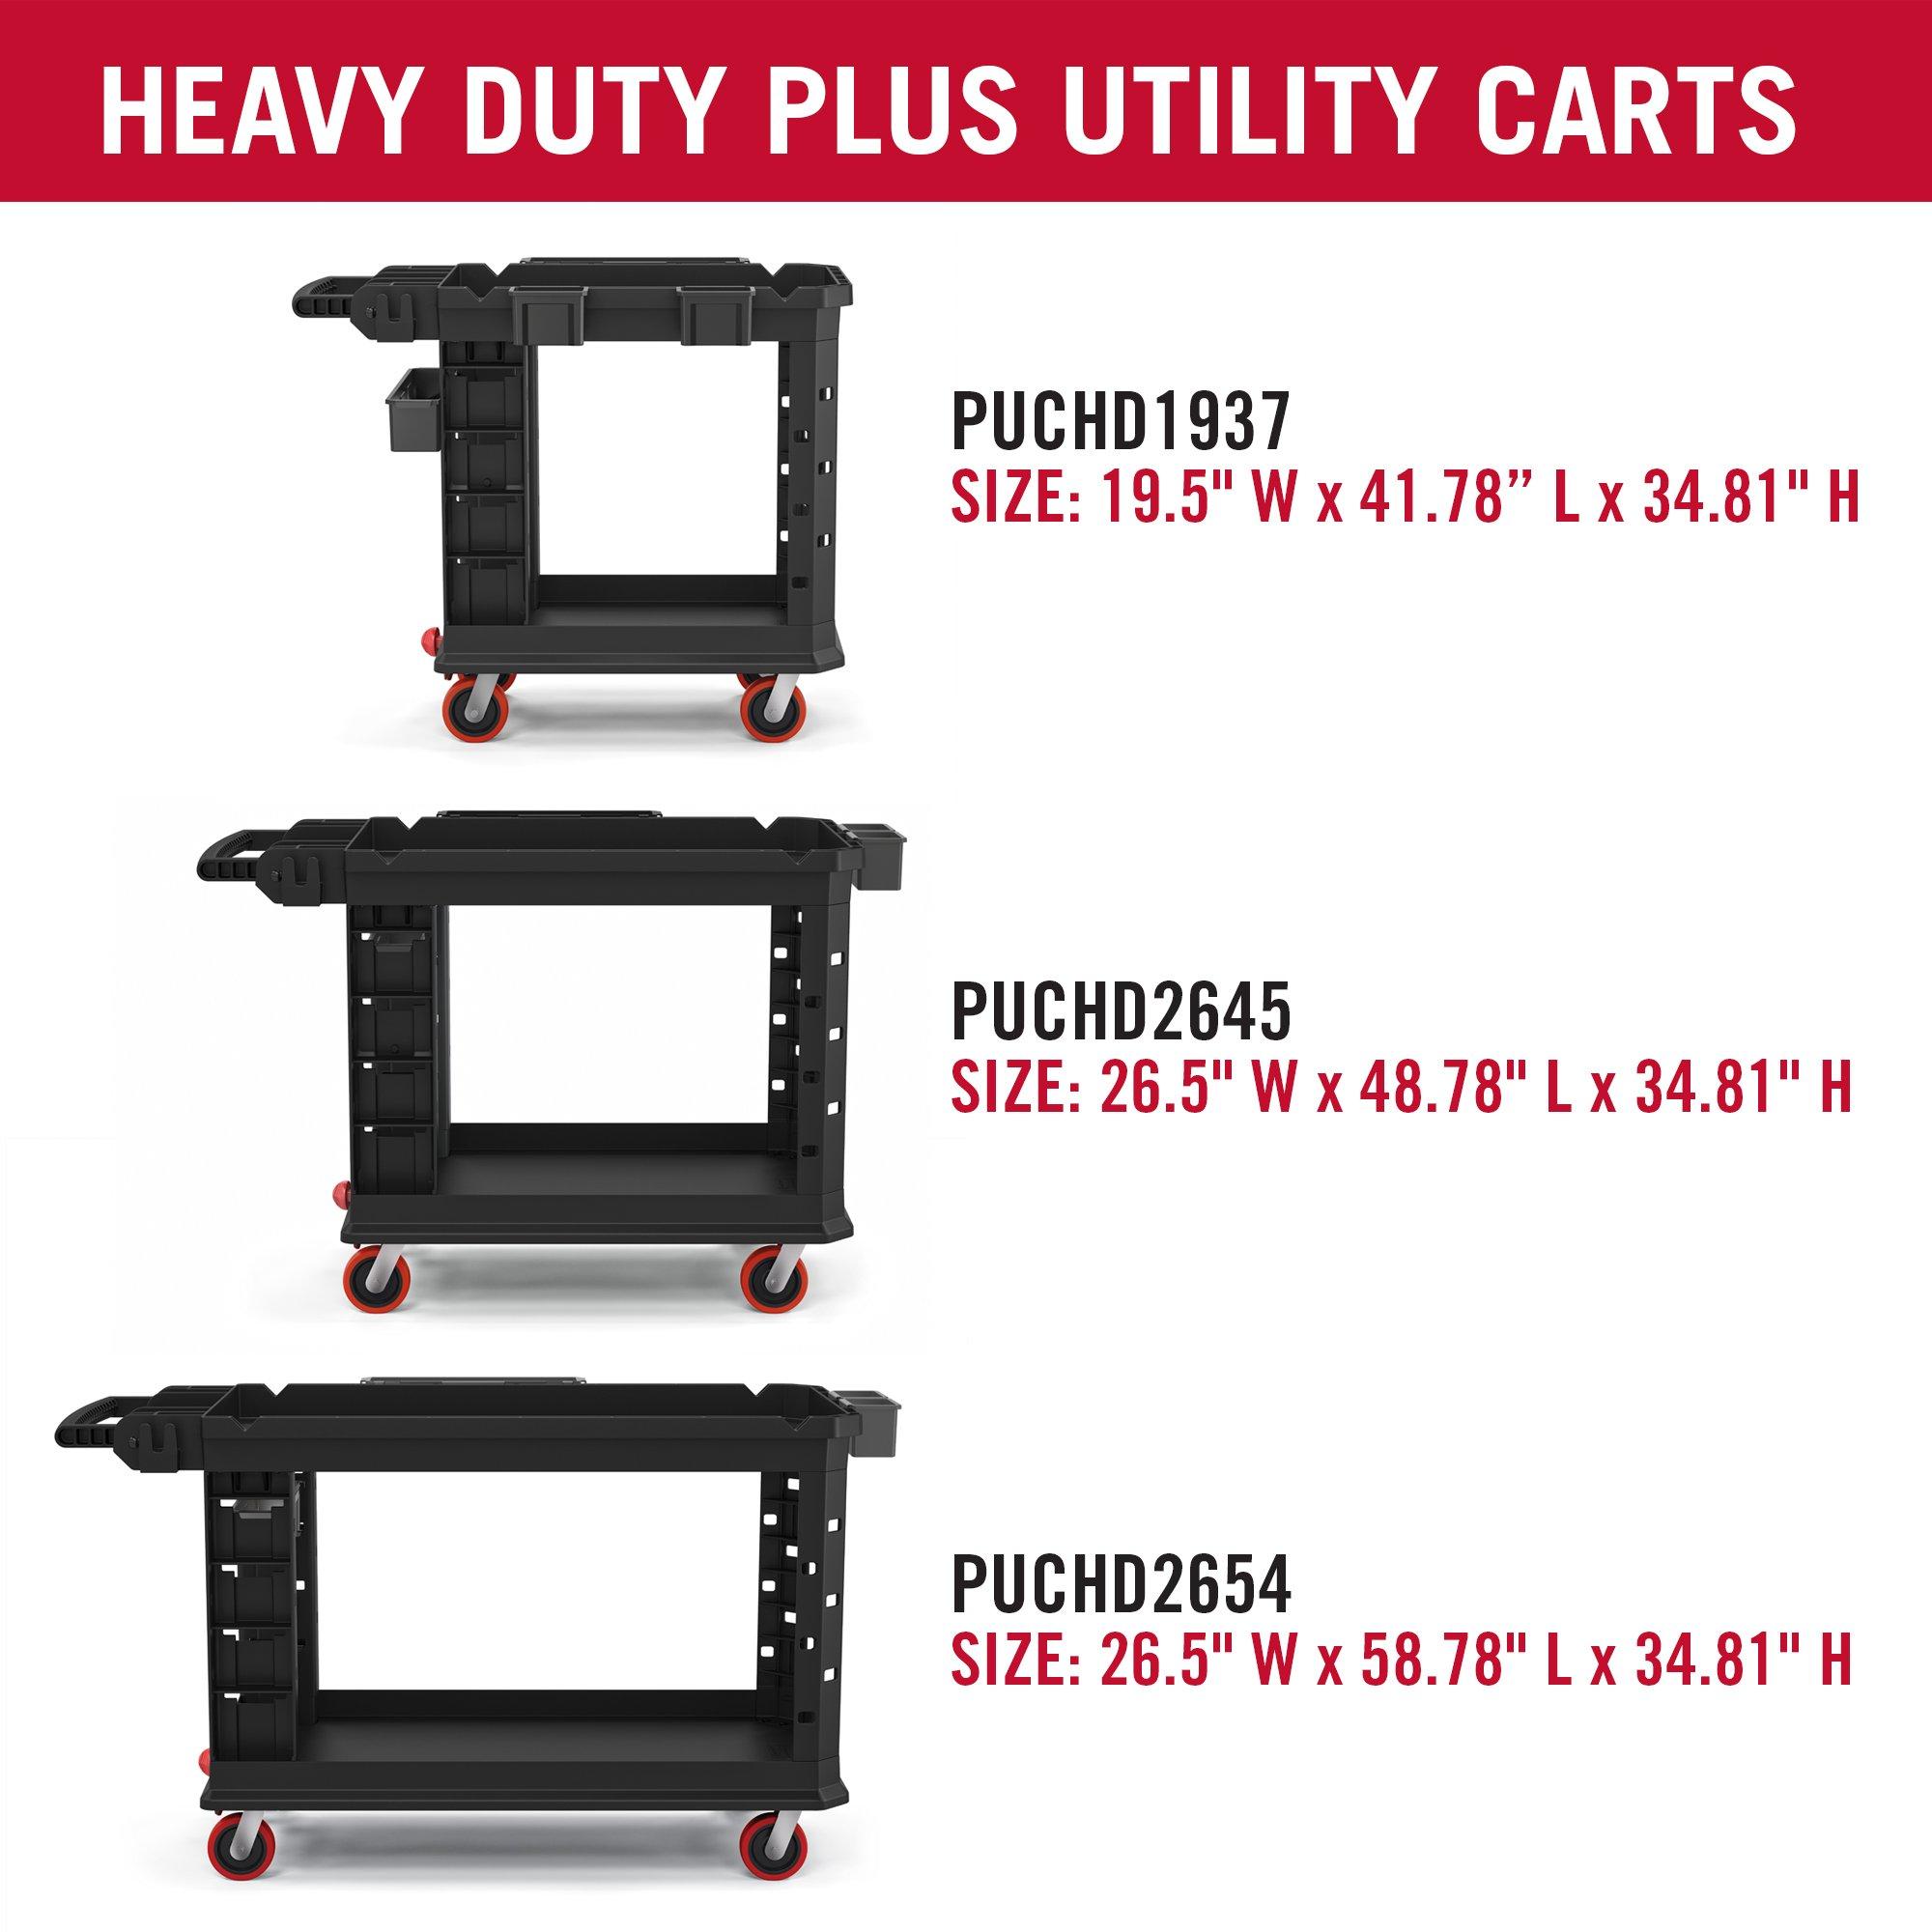 Suncast Commercial PUCHD1937 Utility Cart, Heavy Duty Plus 19 x 37, 500 Pounds Load Capacity, black by Suncast Commercial (Image #7)